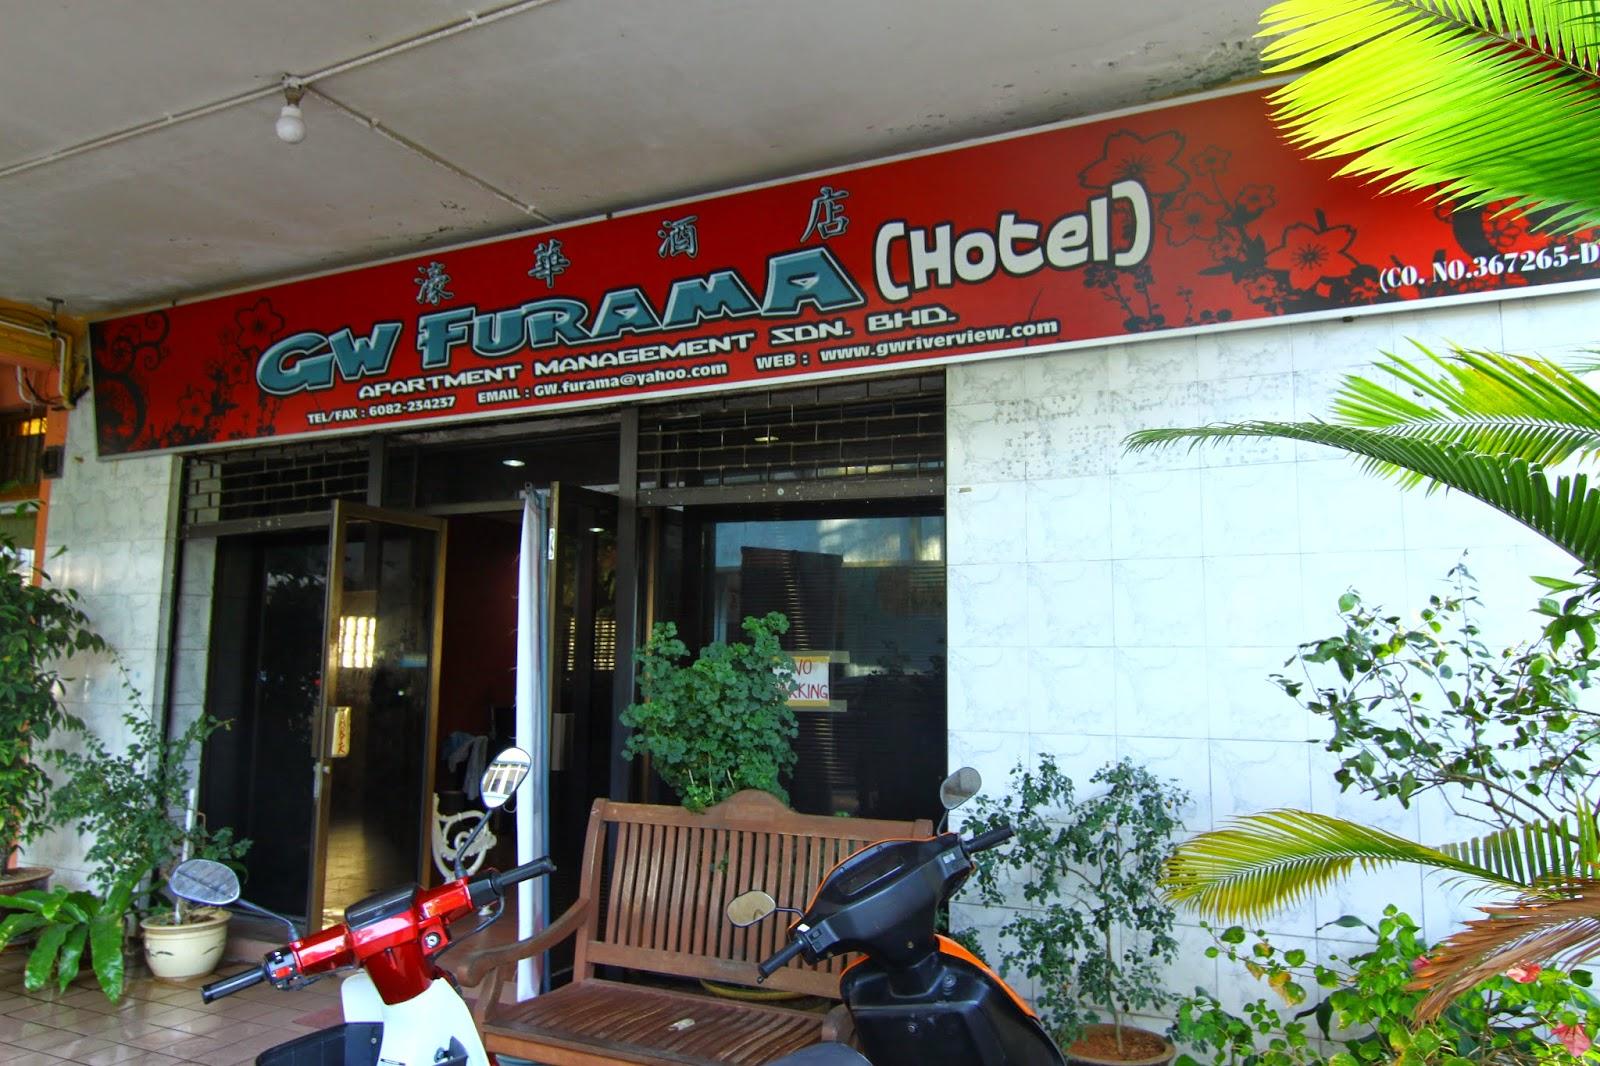 GW Furama Hotel, Kuching